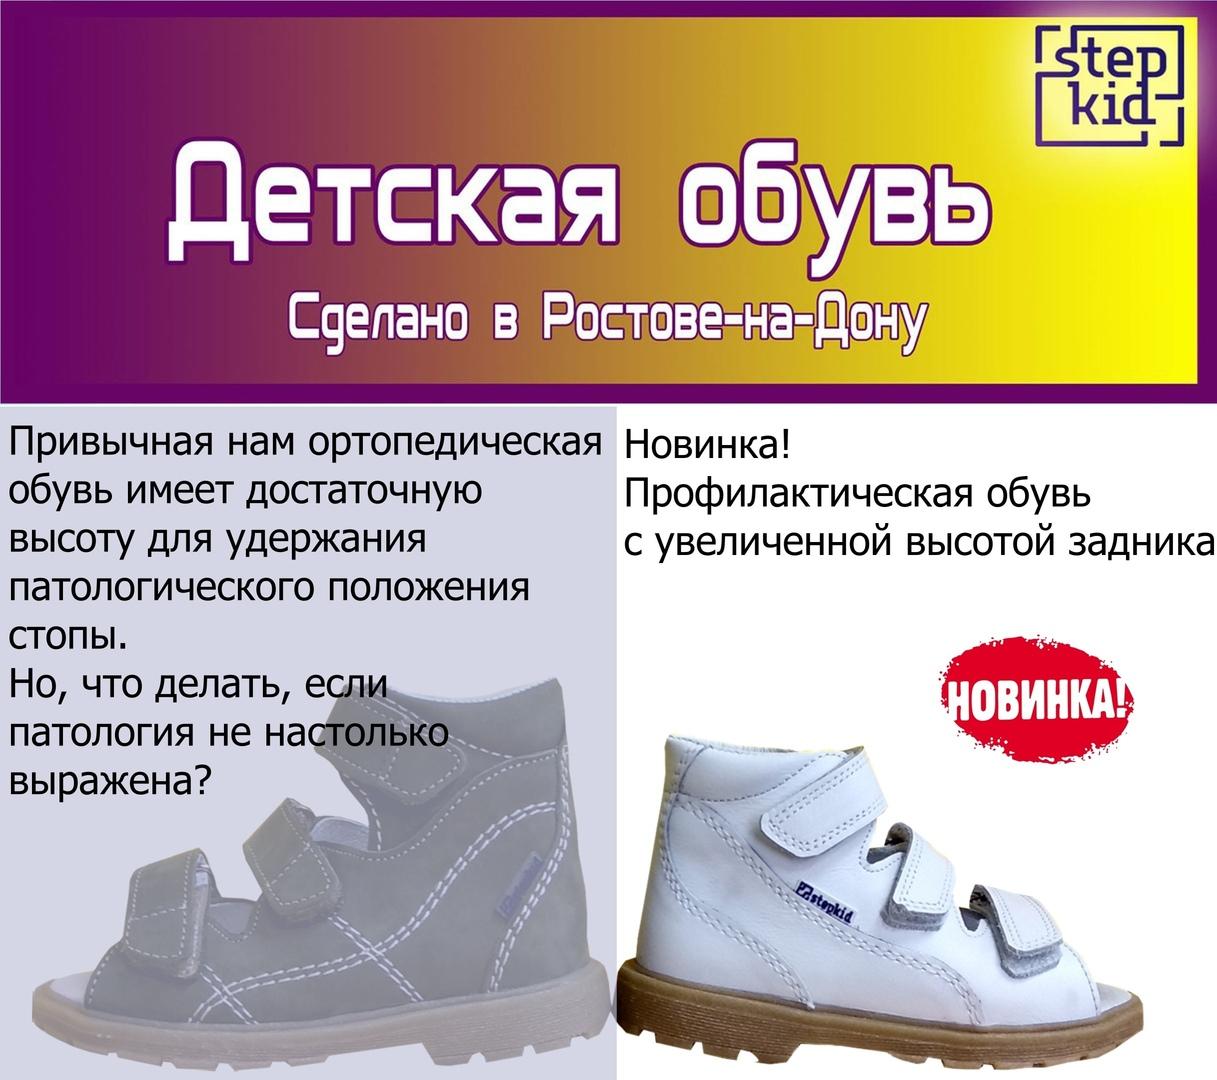 Детская ортопедическая и профилактическая обувь STEPKID  7h9sQQeIO5A